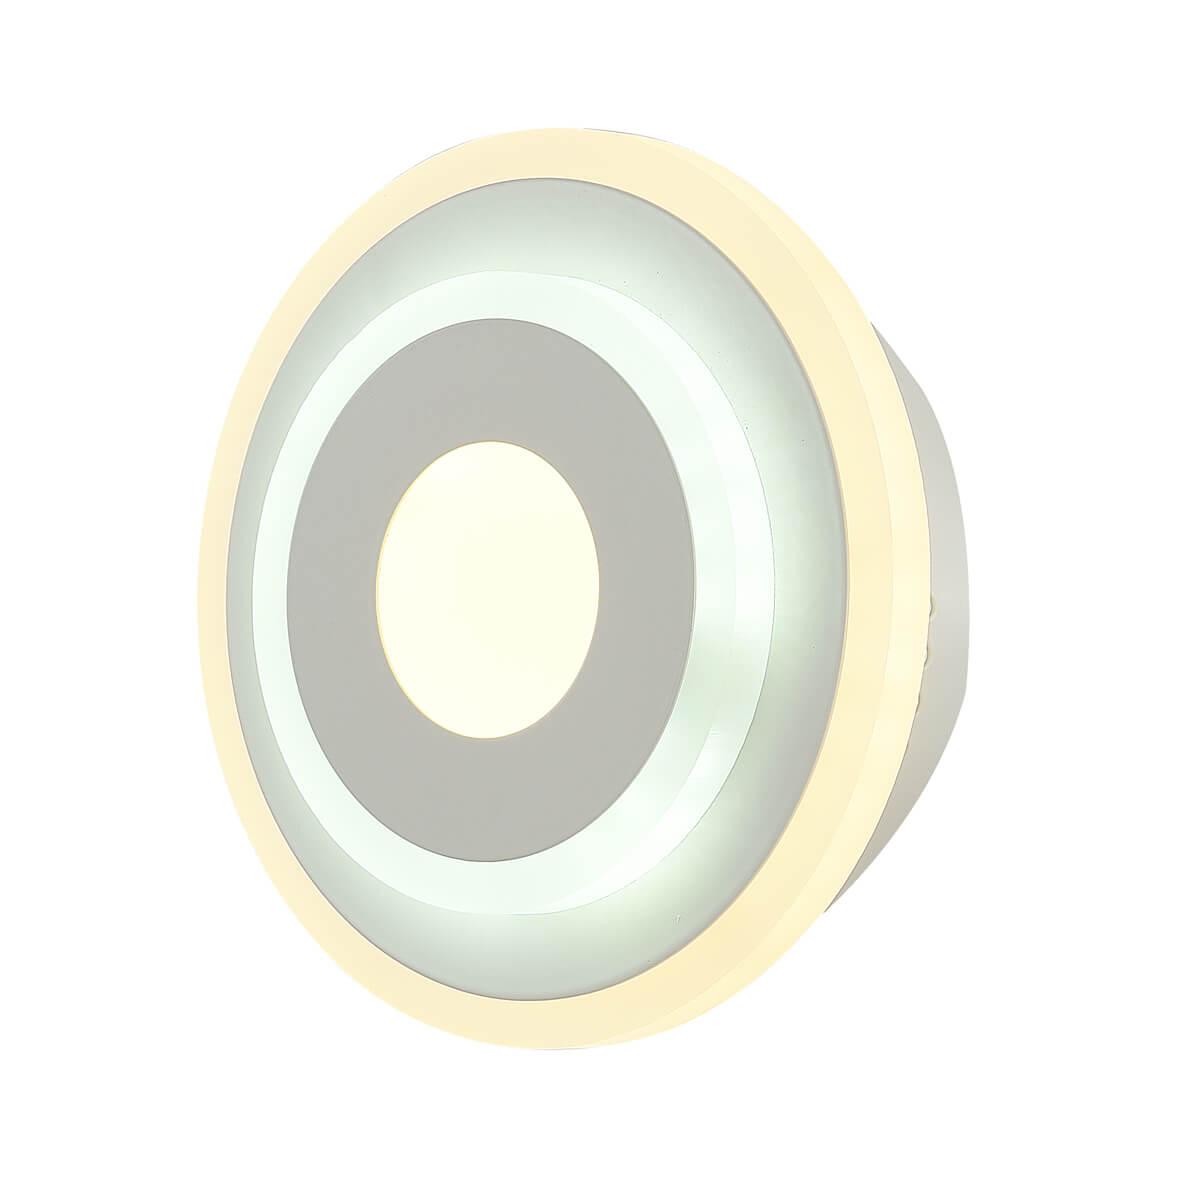 Настенный светодиодный светильник F-Promo Ledolution 2271-1W